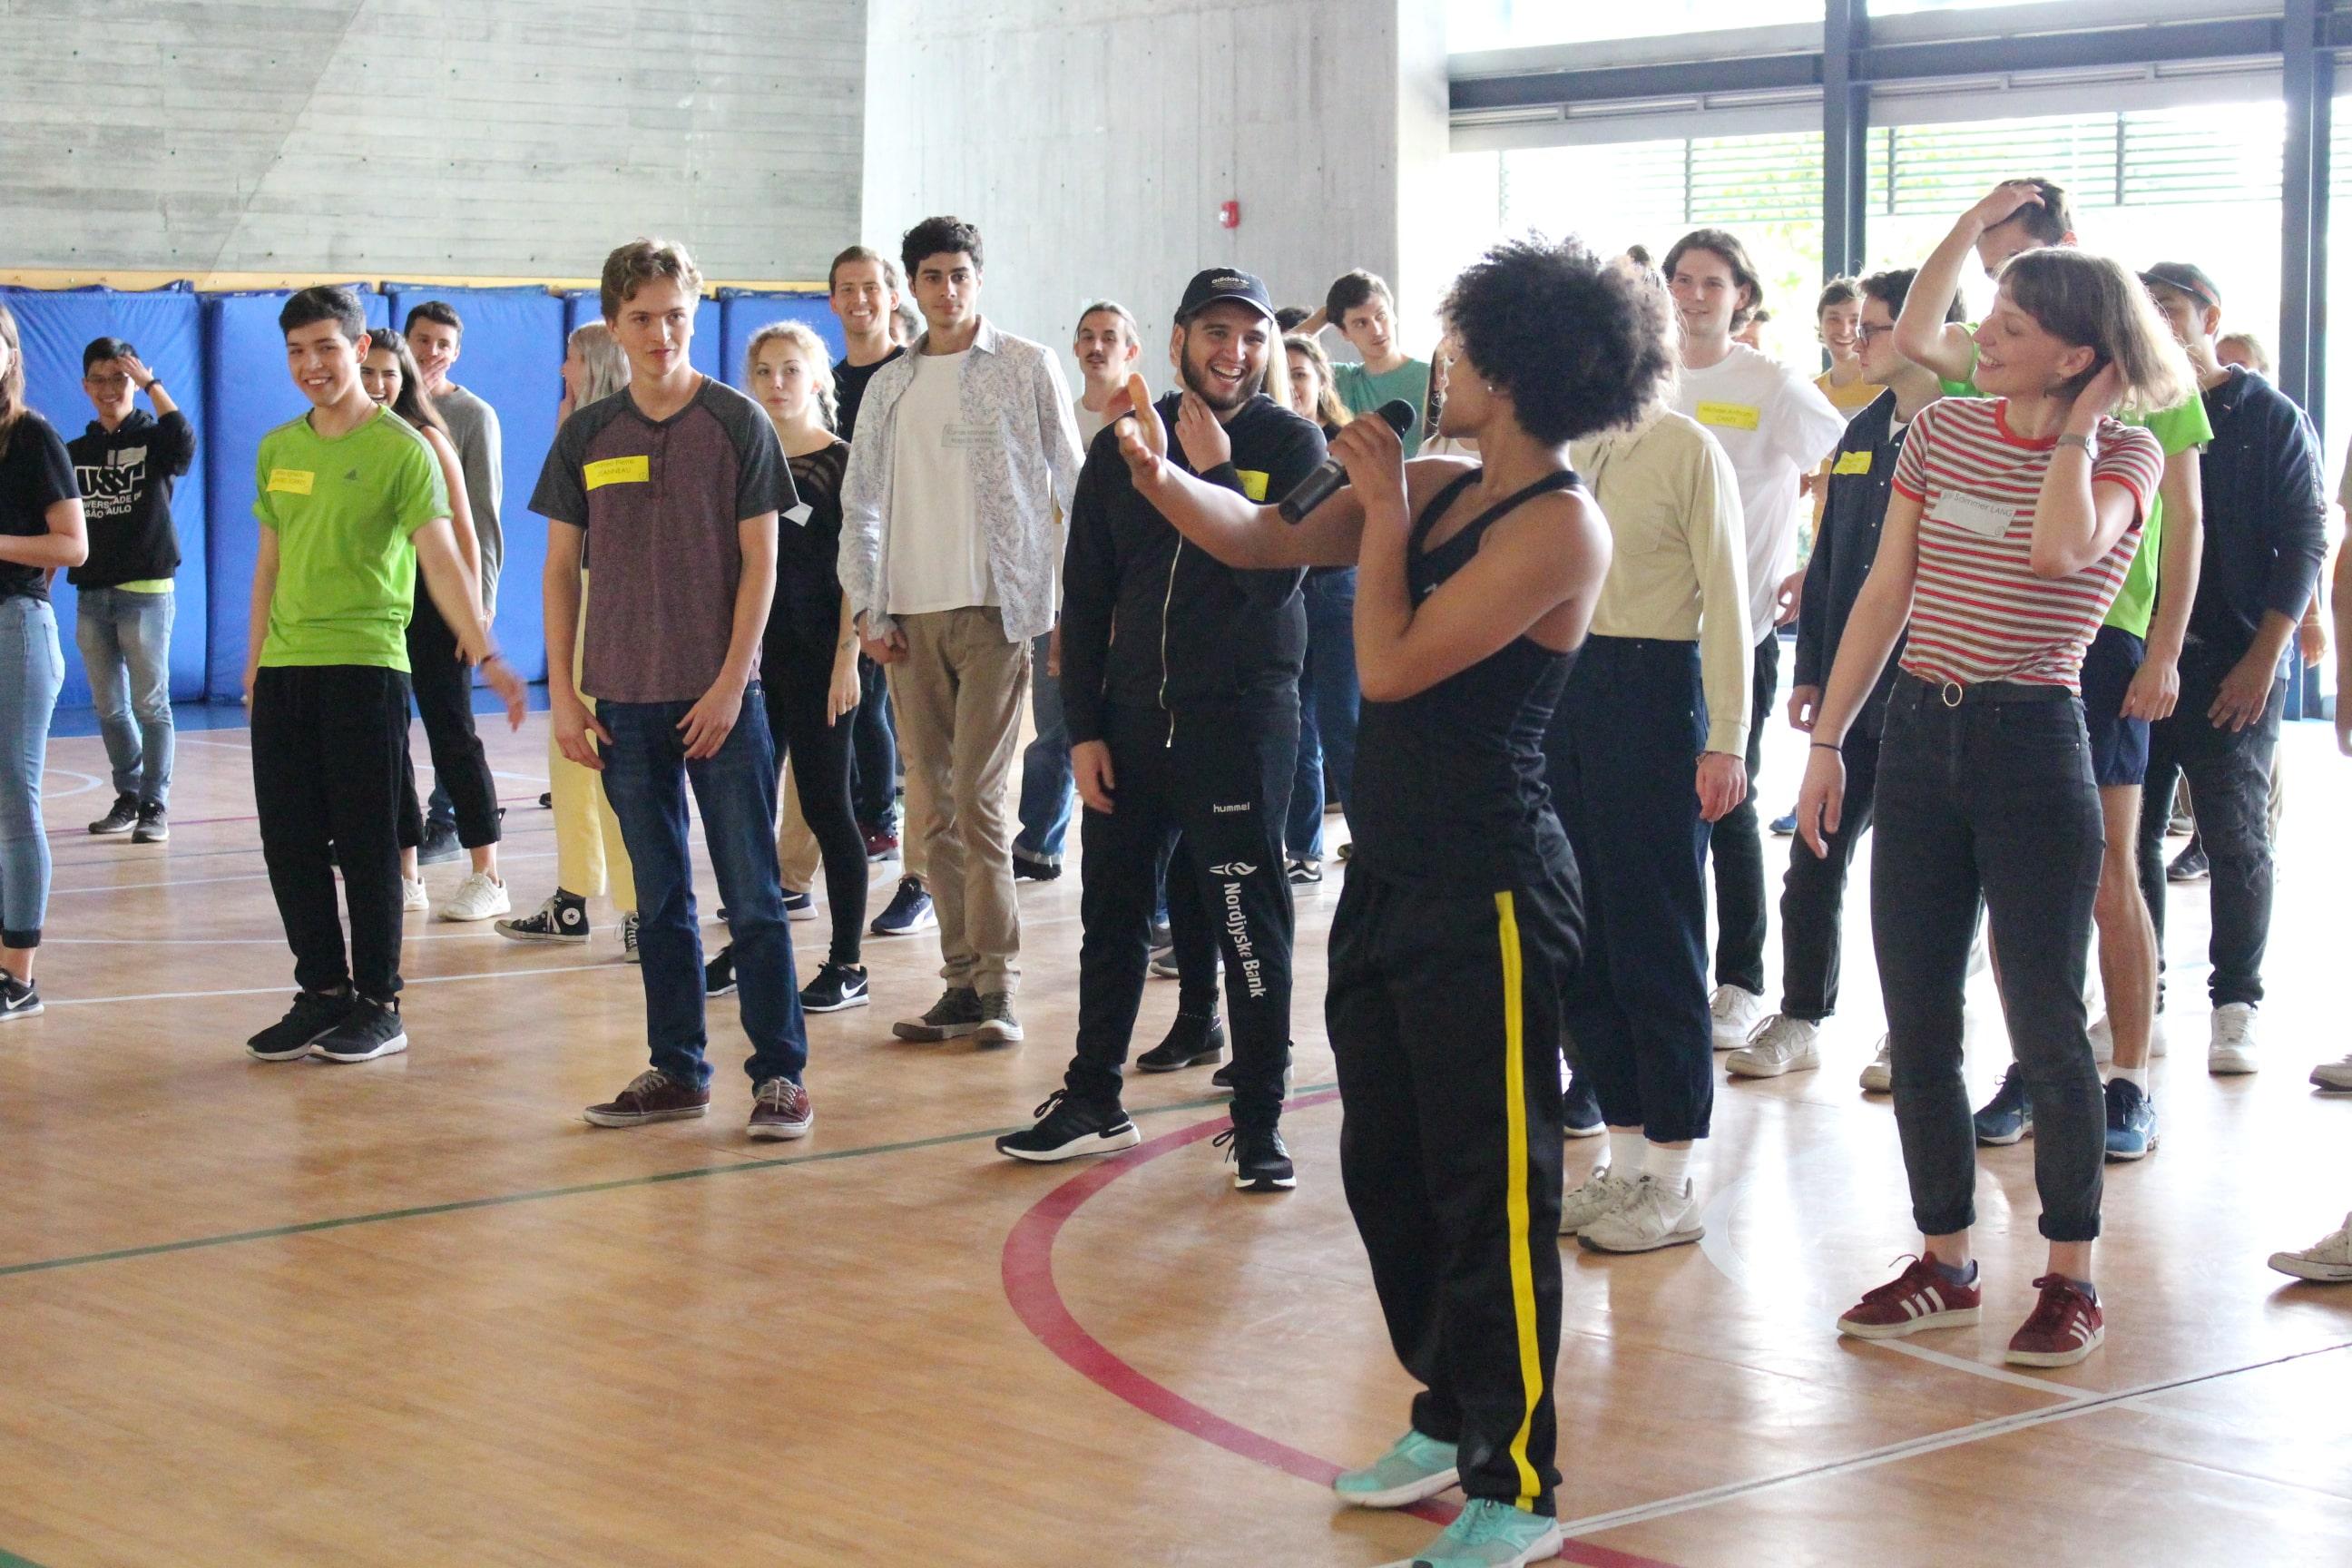 Clase de baile a estudiantes extranjeros de intercambio